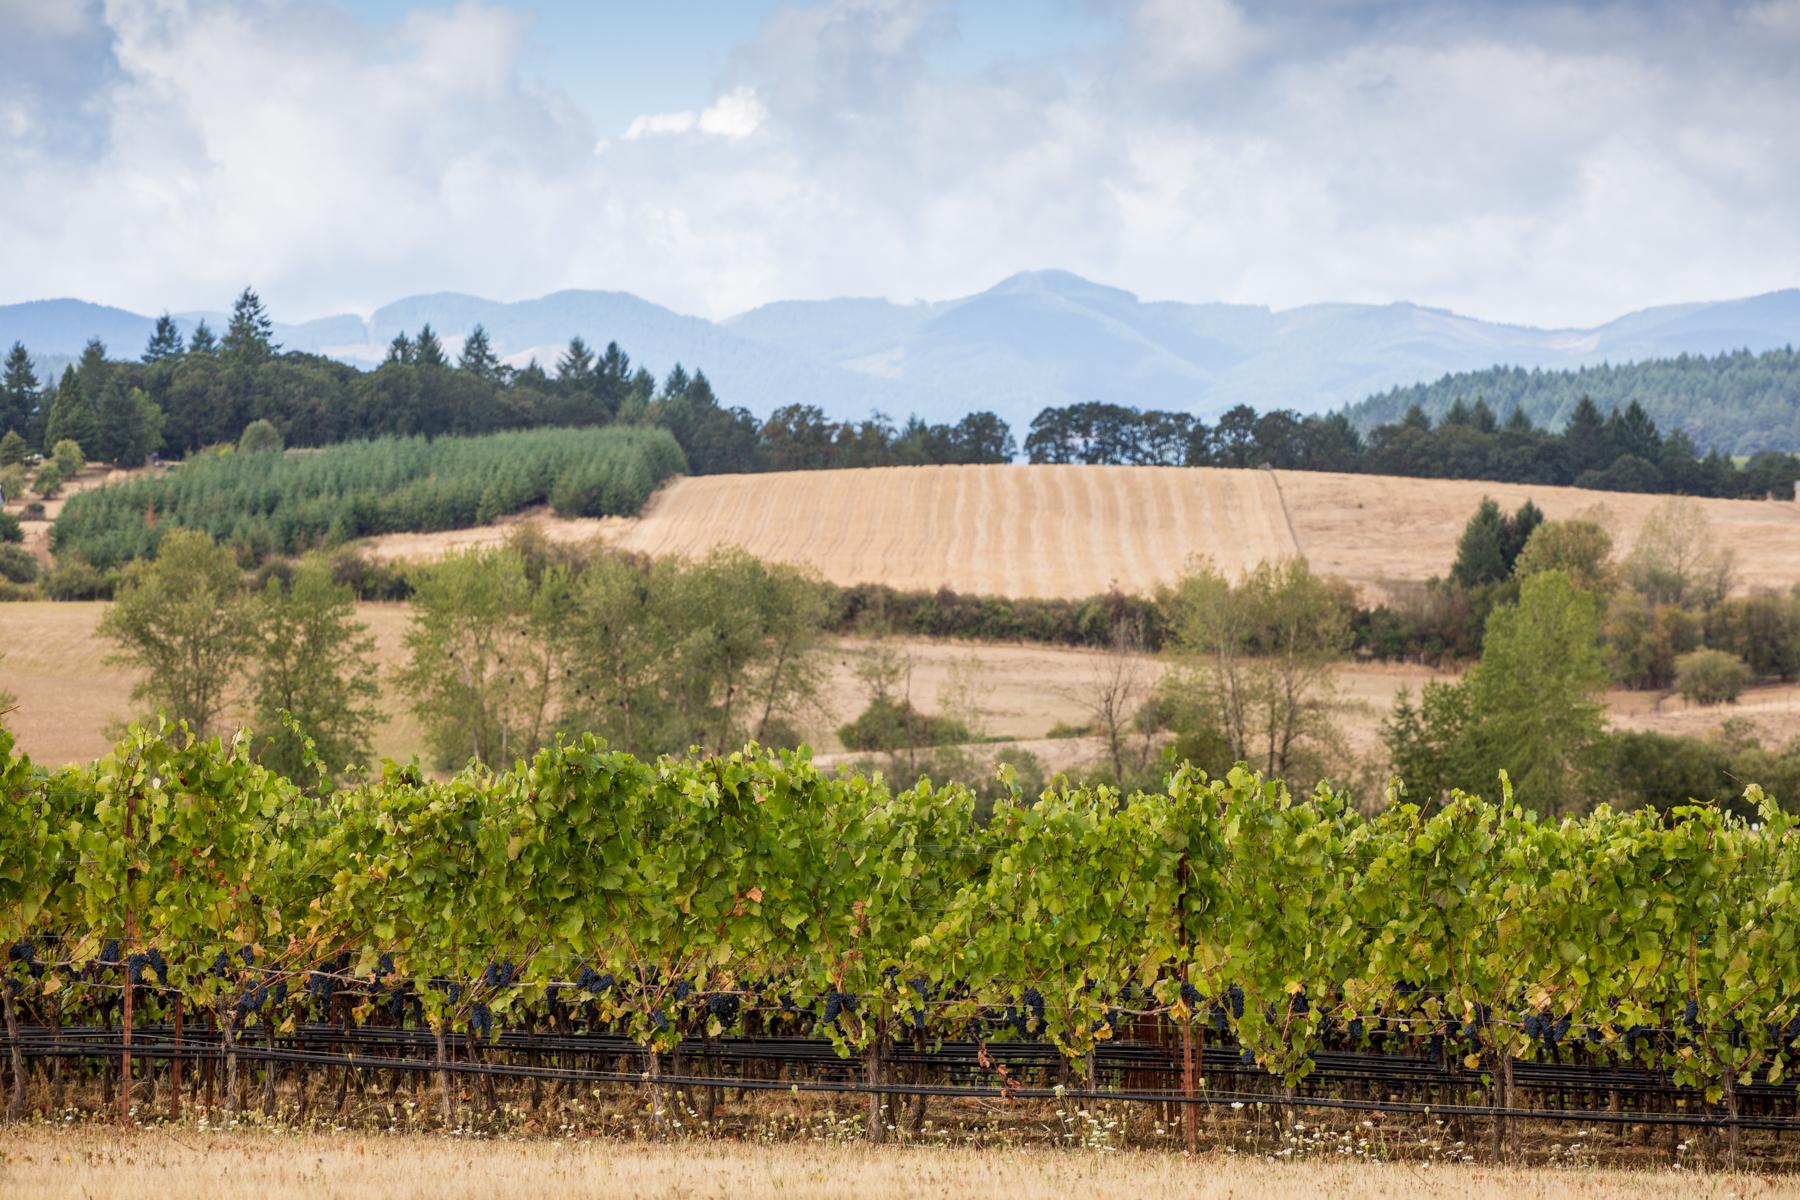 Goodrich Vineyard and wheat fields